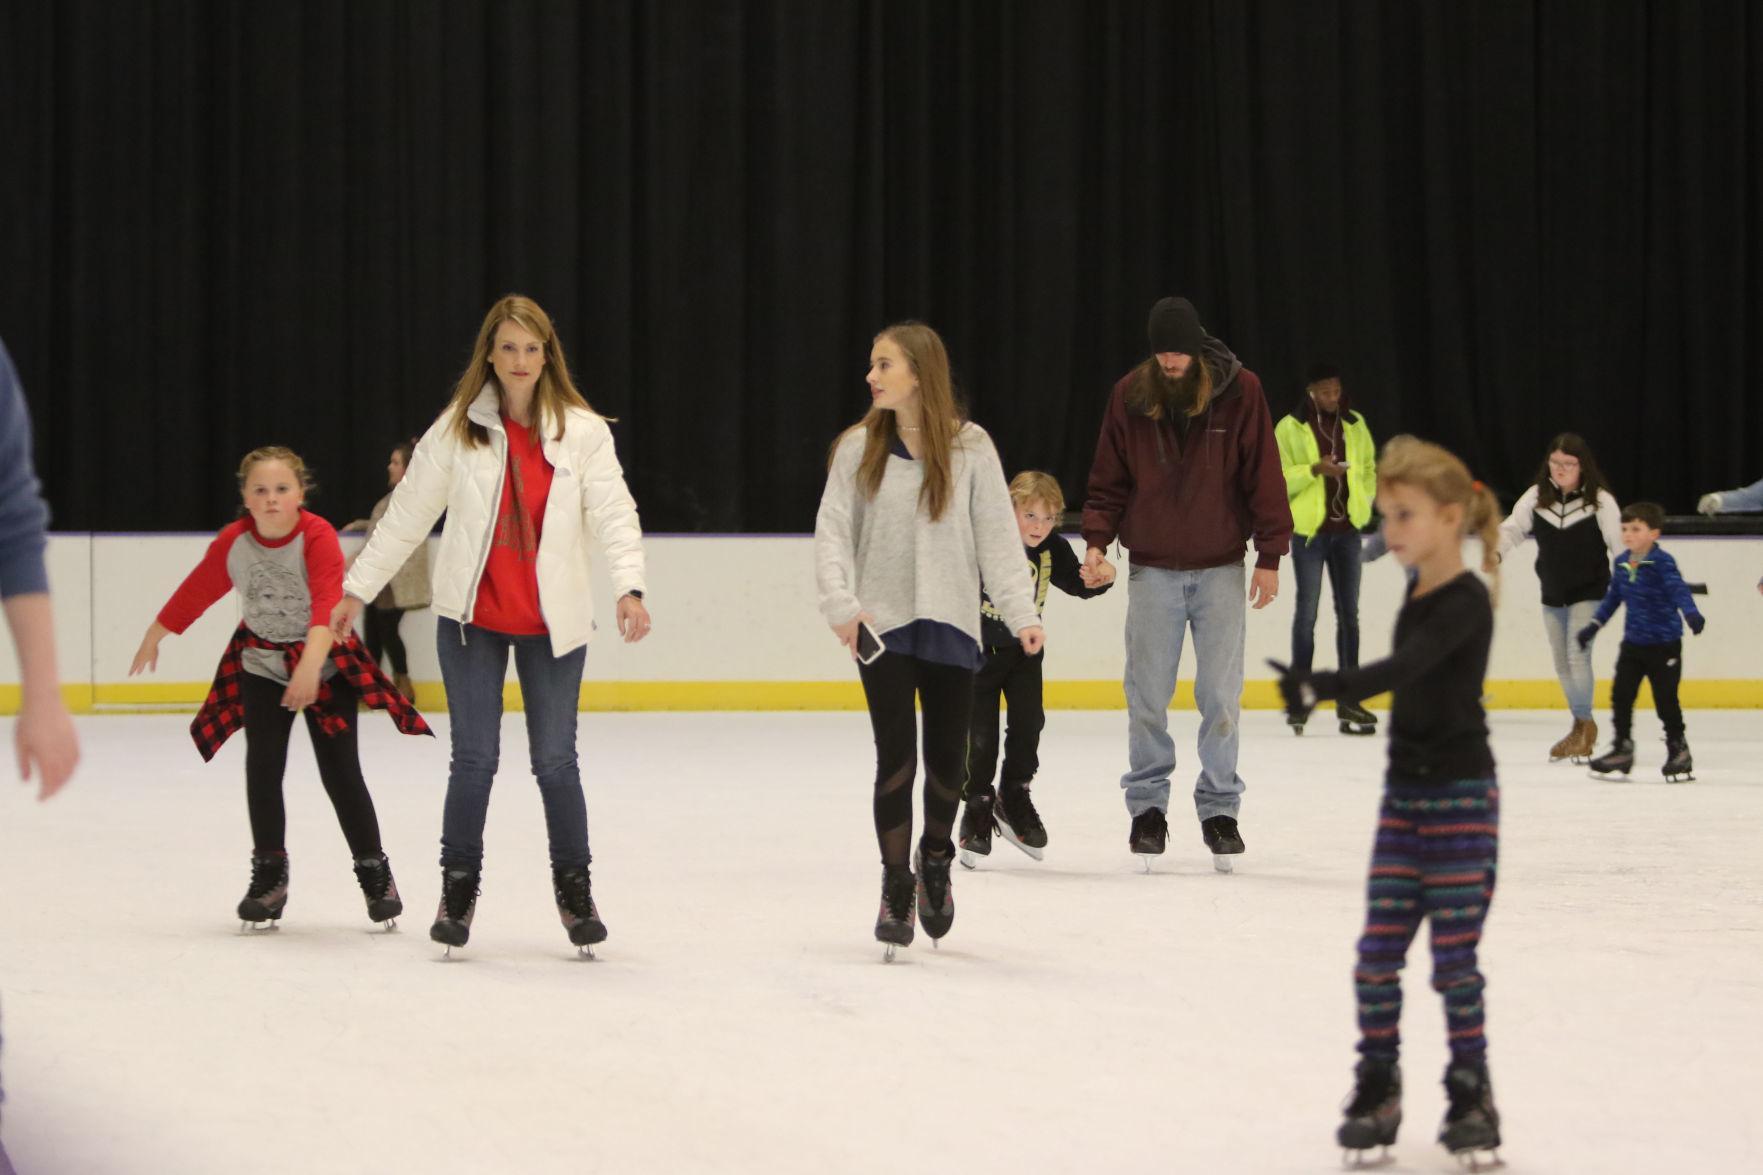 djr-2019-11-07-scene-bcsa-skating